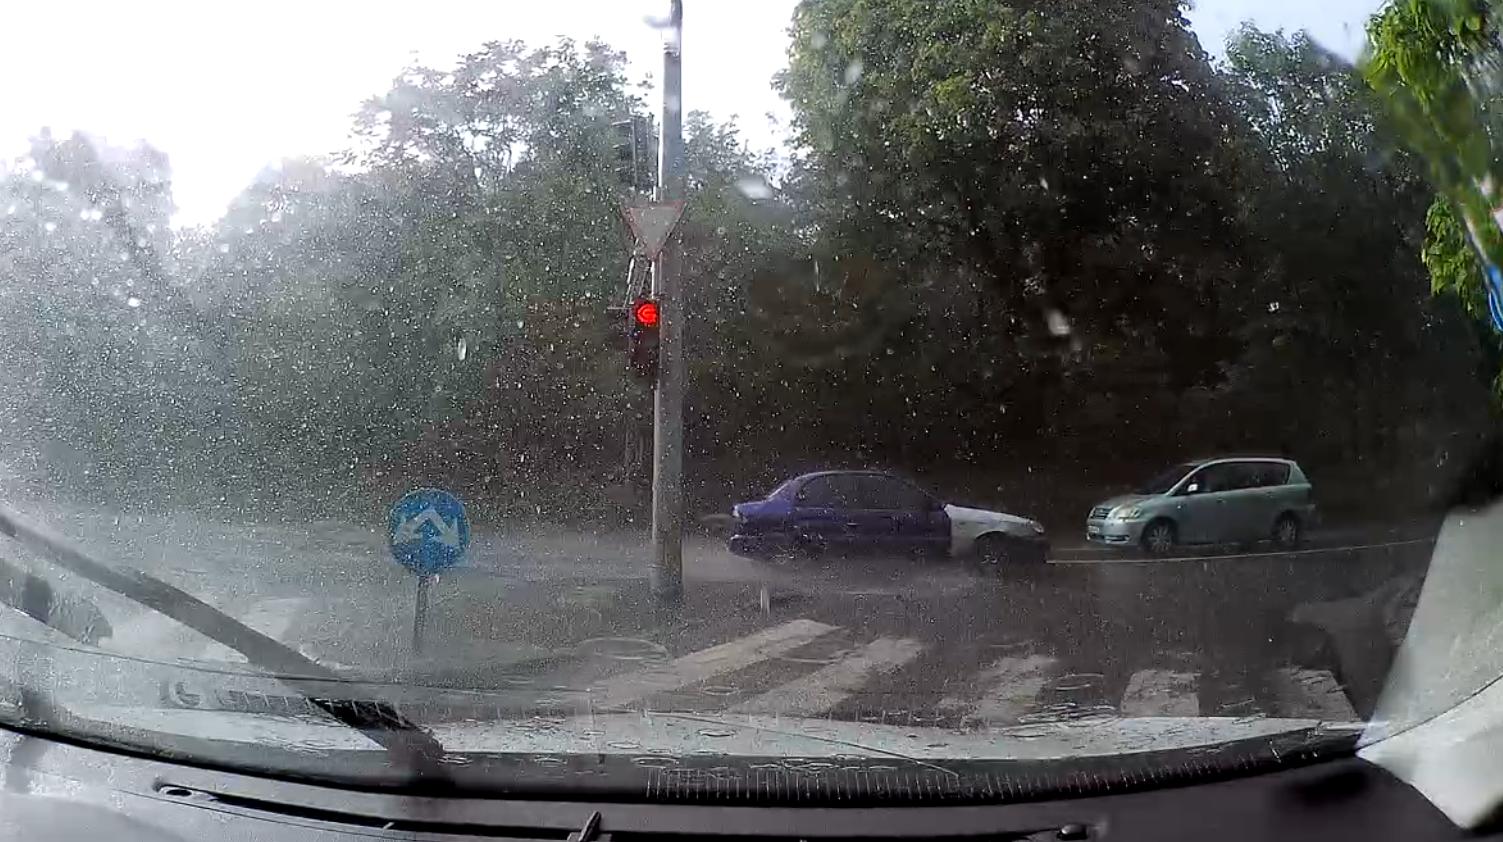 Vezetés esőben kezdő jogosítvánnyal